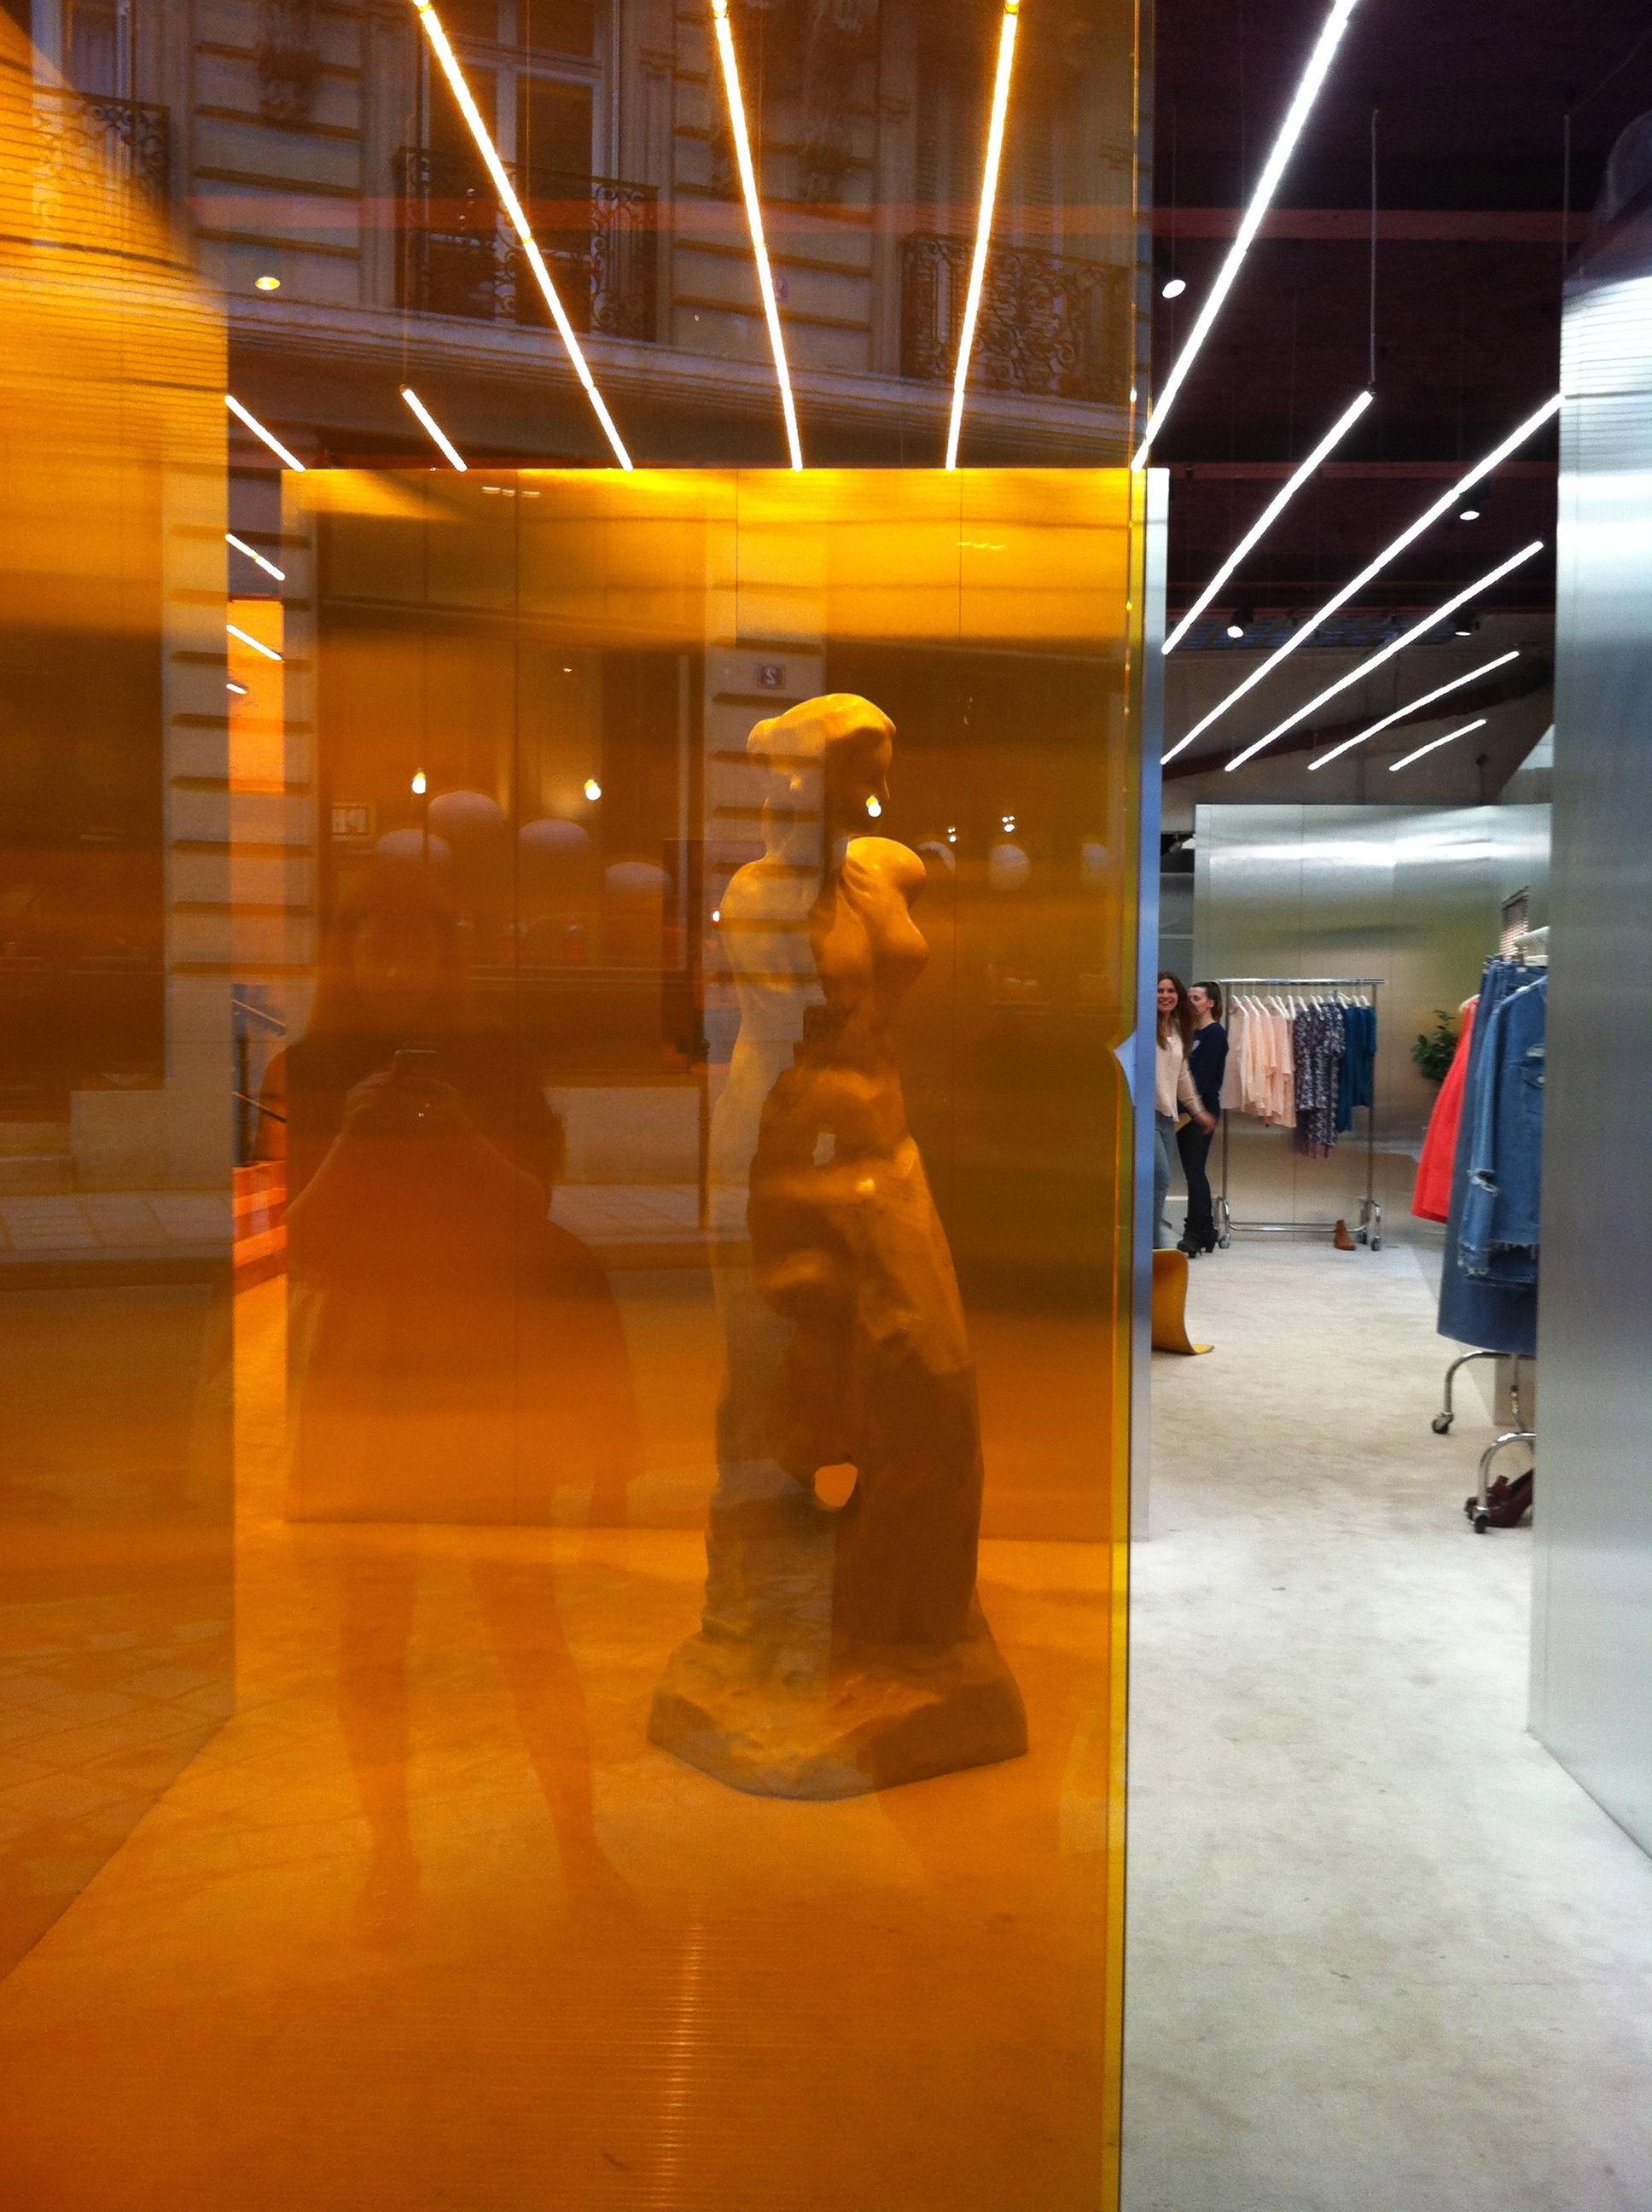 Acne Studio, 3 rue Froissart, Paris, 75003 1d7f595200a